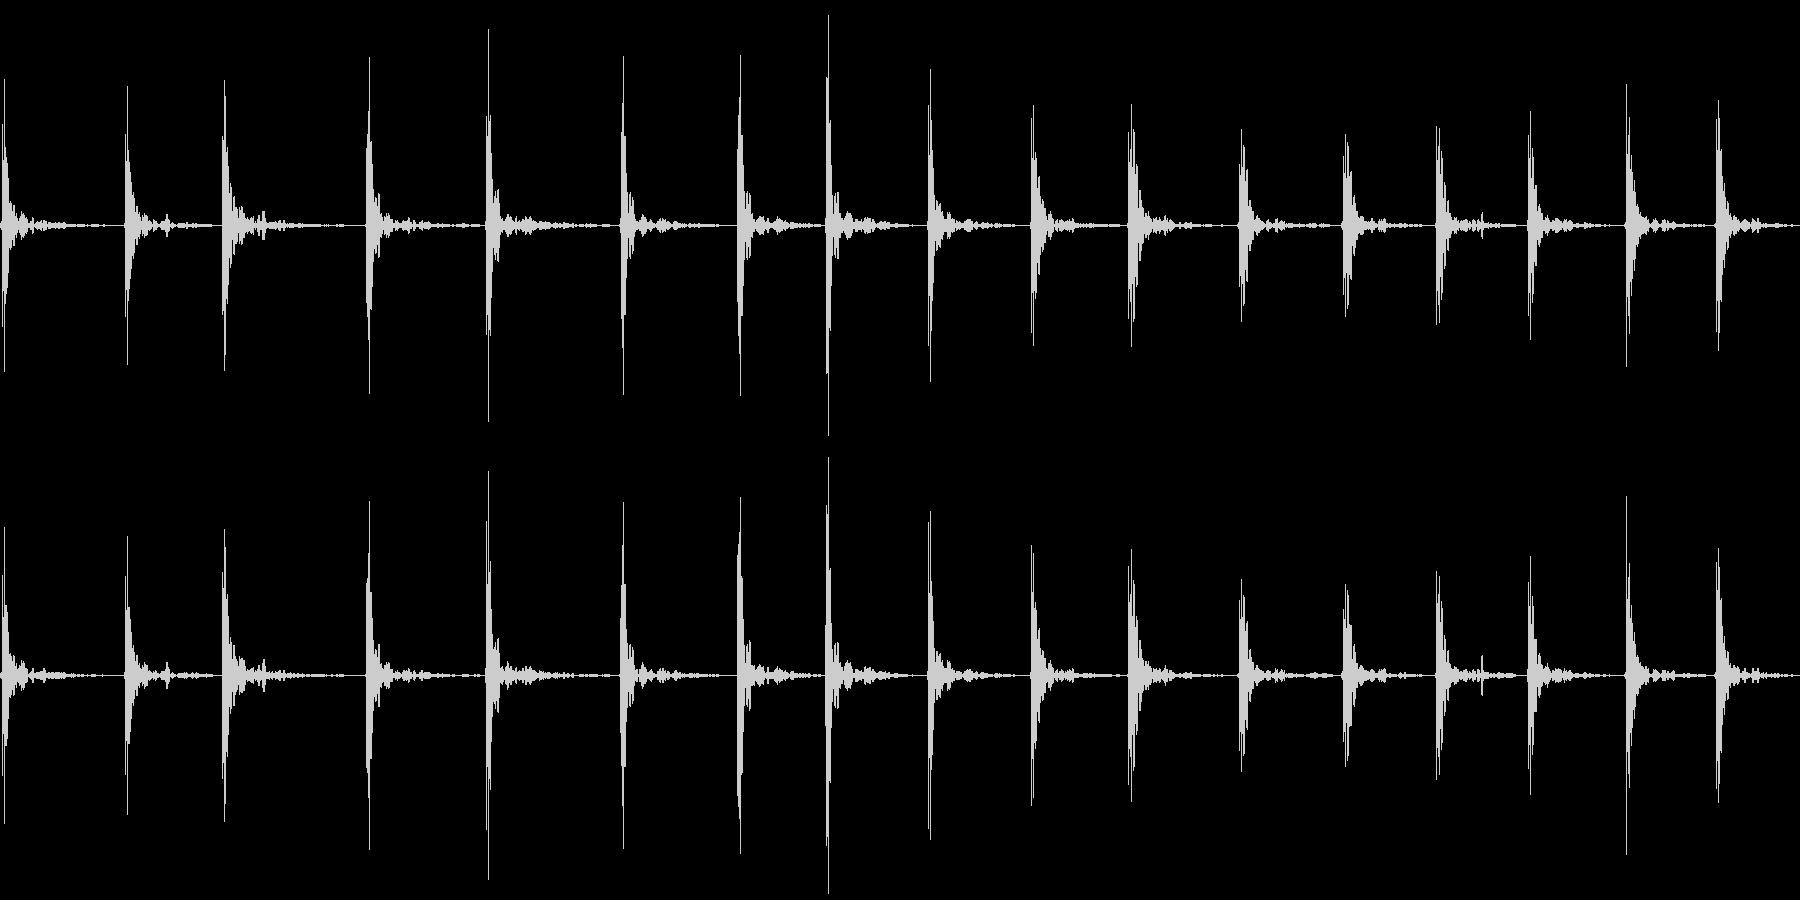 バスケットのドリブルの未再生の波形